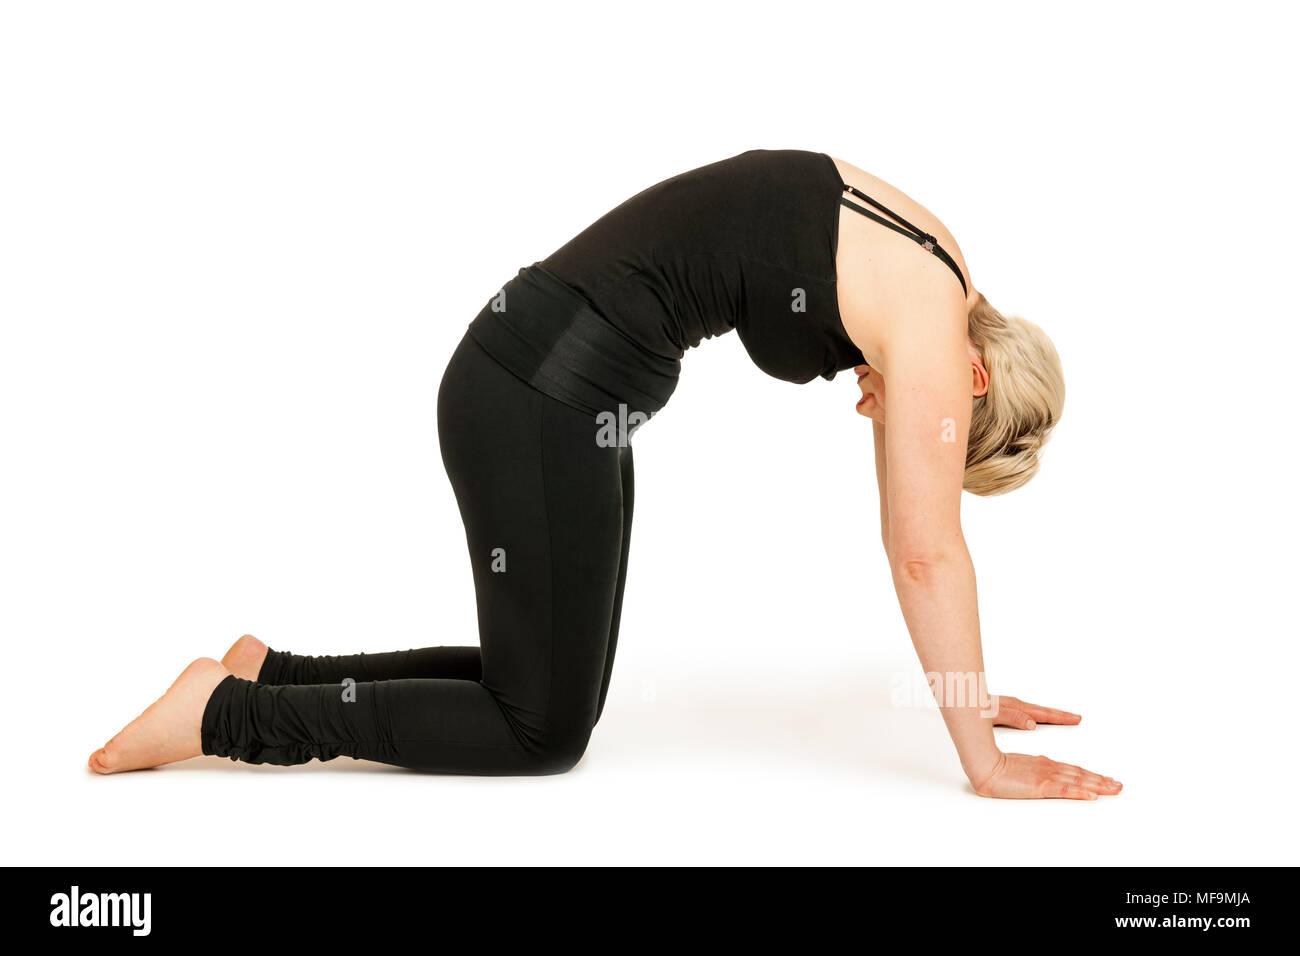 Seitliche Ganzkörper-Ansicht einer jungen Frau vor weißen Hintergrund die Yoga-Übung die Katze (Marjaryasana) zeigend. - Stock Image